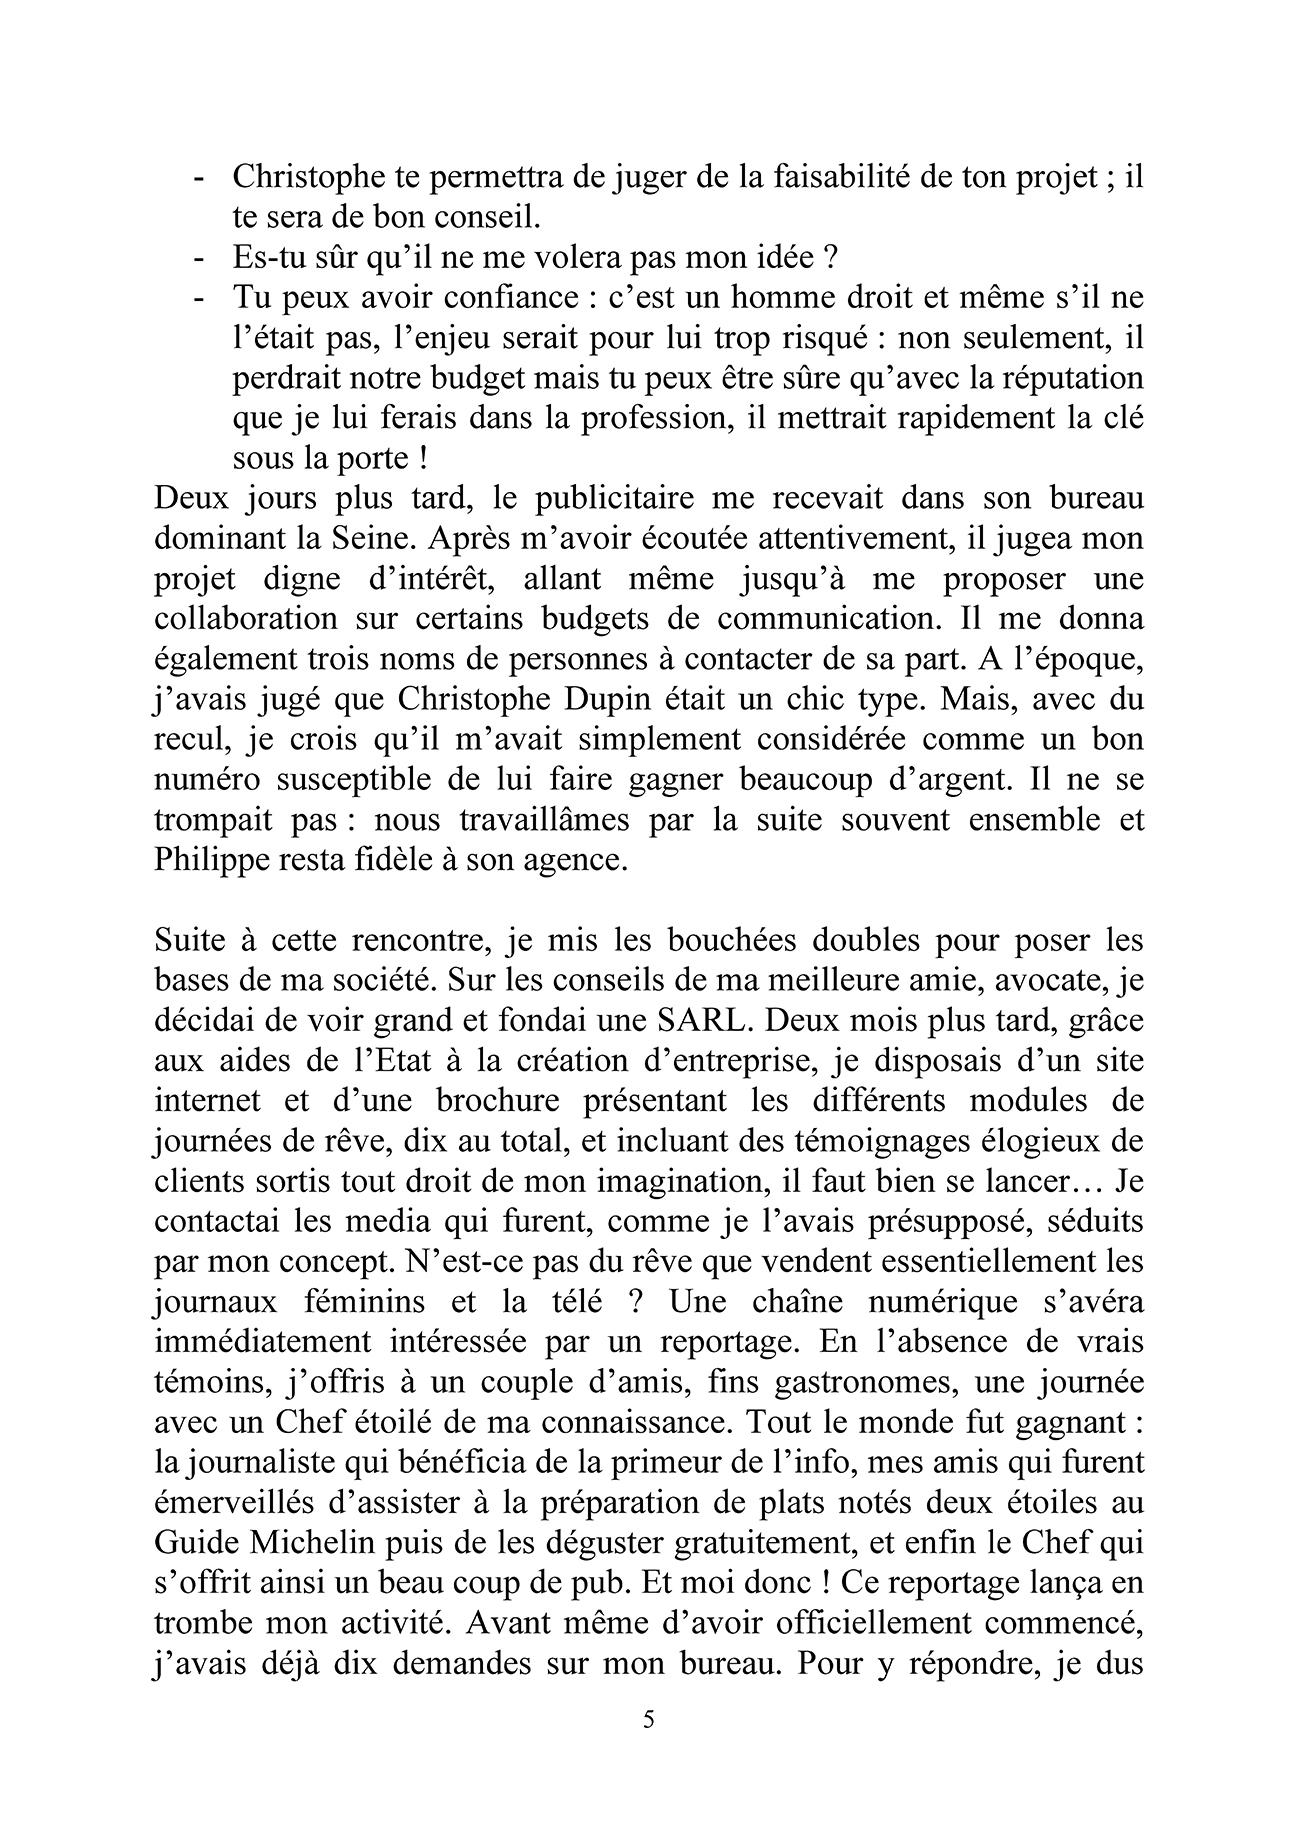 Ebook - Le Bonheur Intérieur Tattend_Page_006.jpg